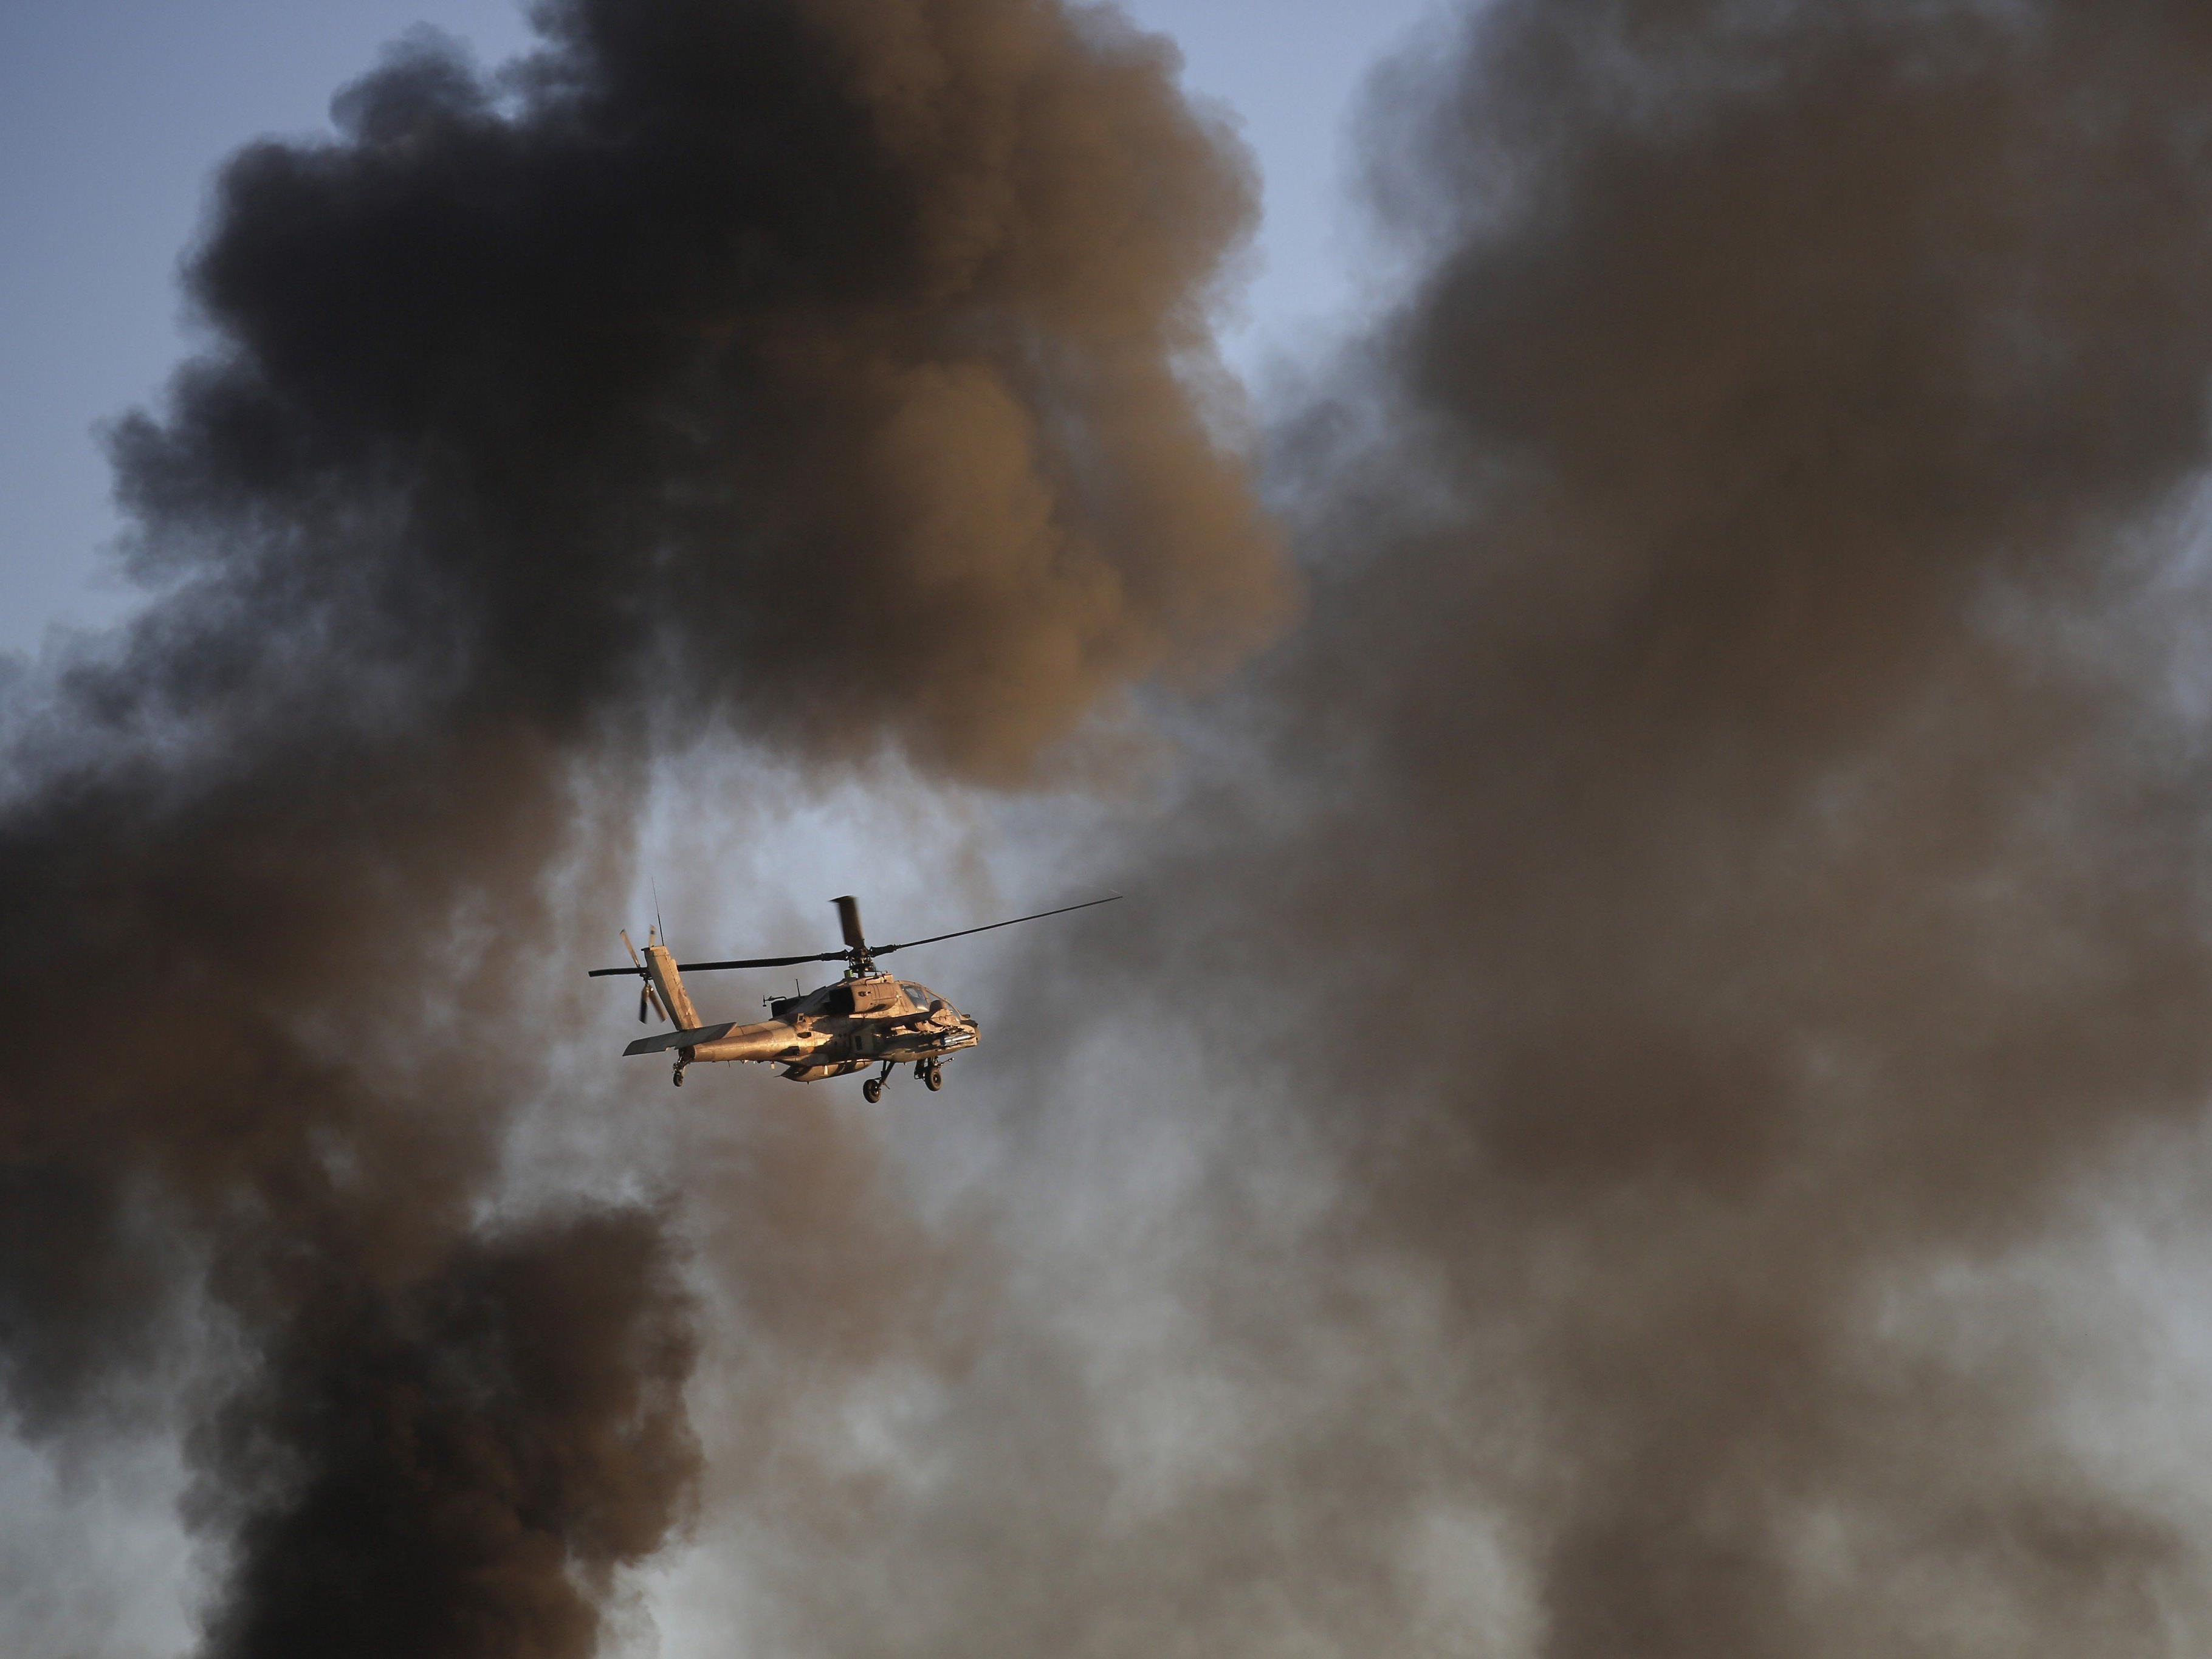 Ein israelischer Hubschrauber feuerte zwei Raketen in der Nähe der von Israel besetzten Golan-Höhen ab. (Symbolbild)